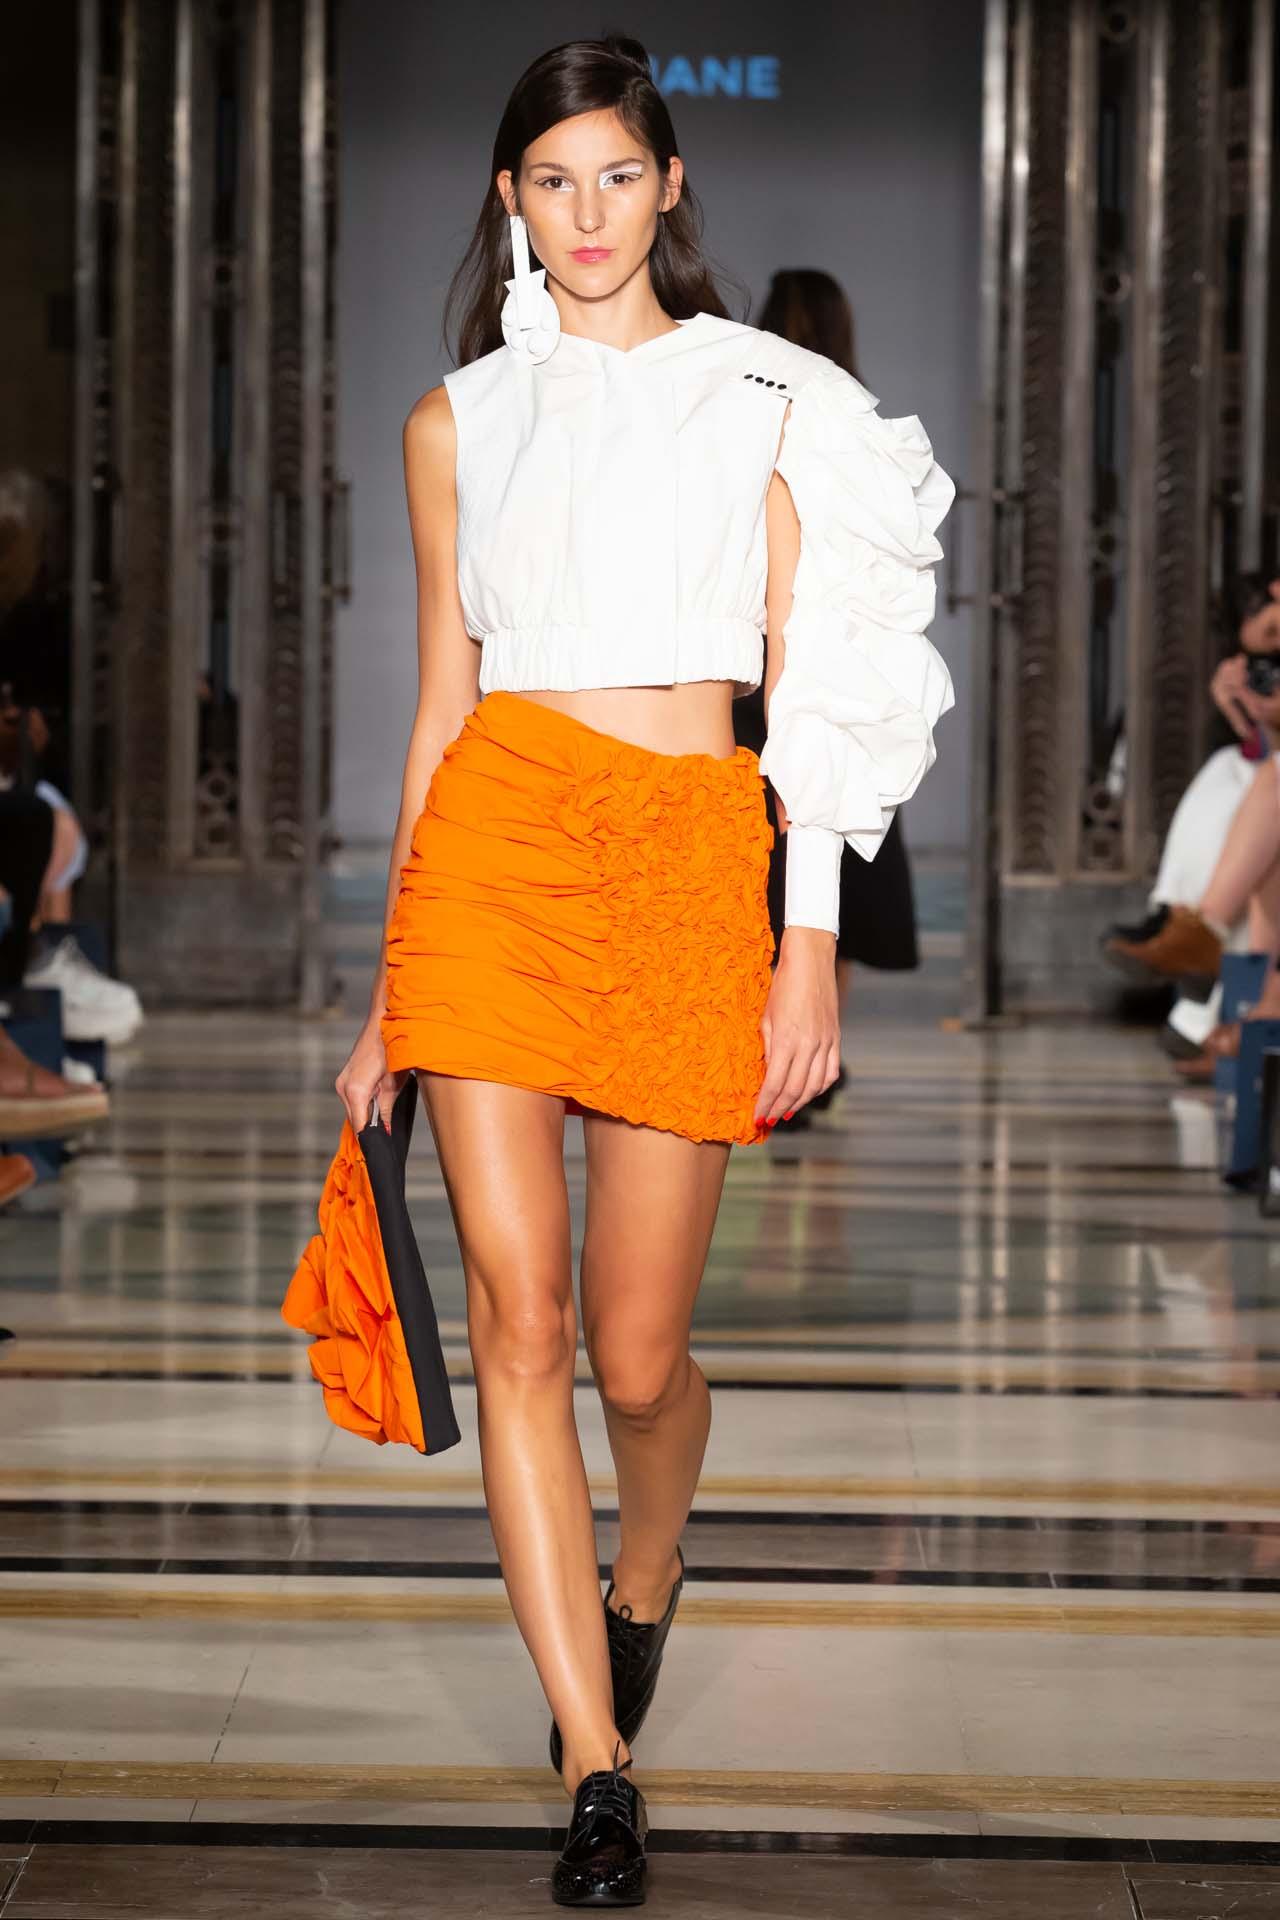 A jane lfw fashion scout (18)